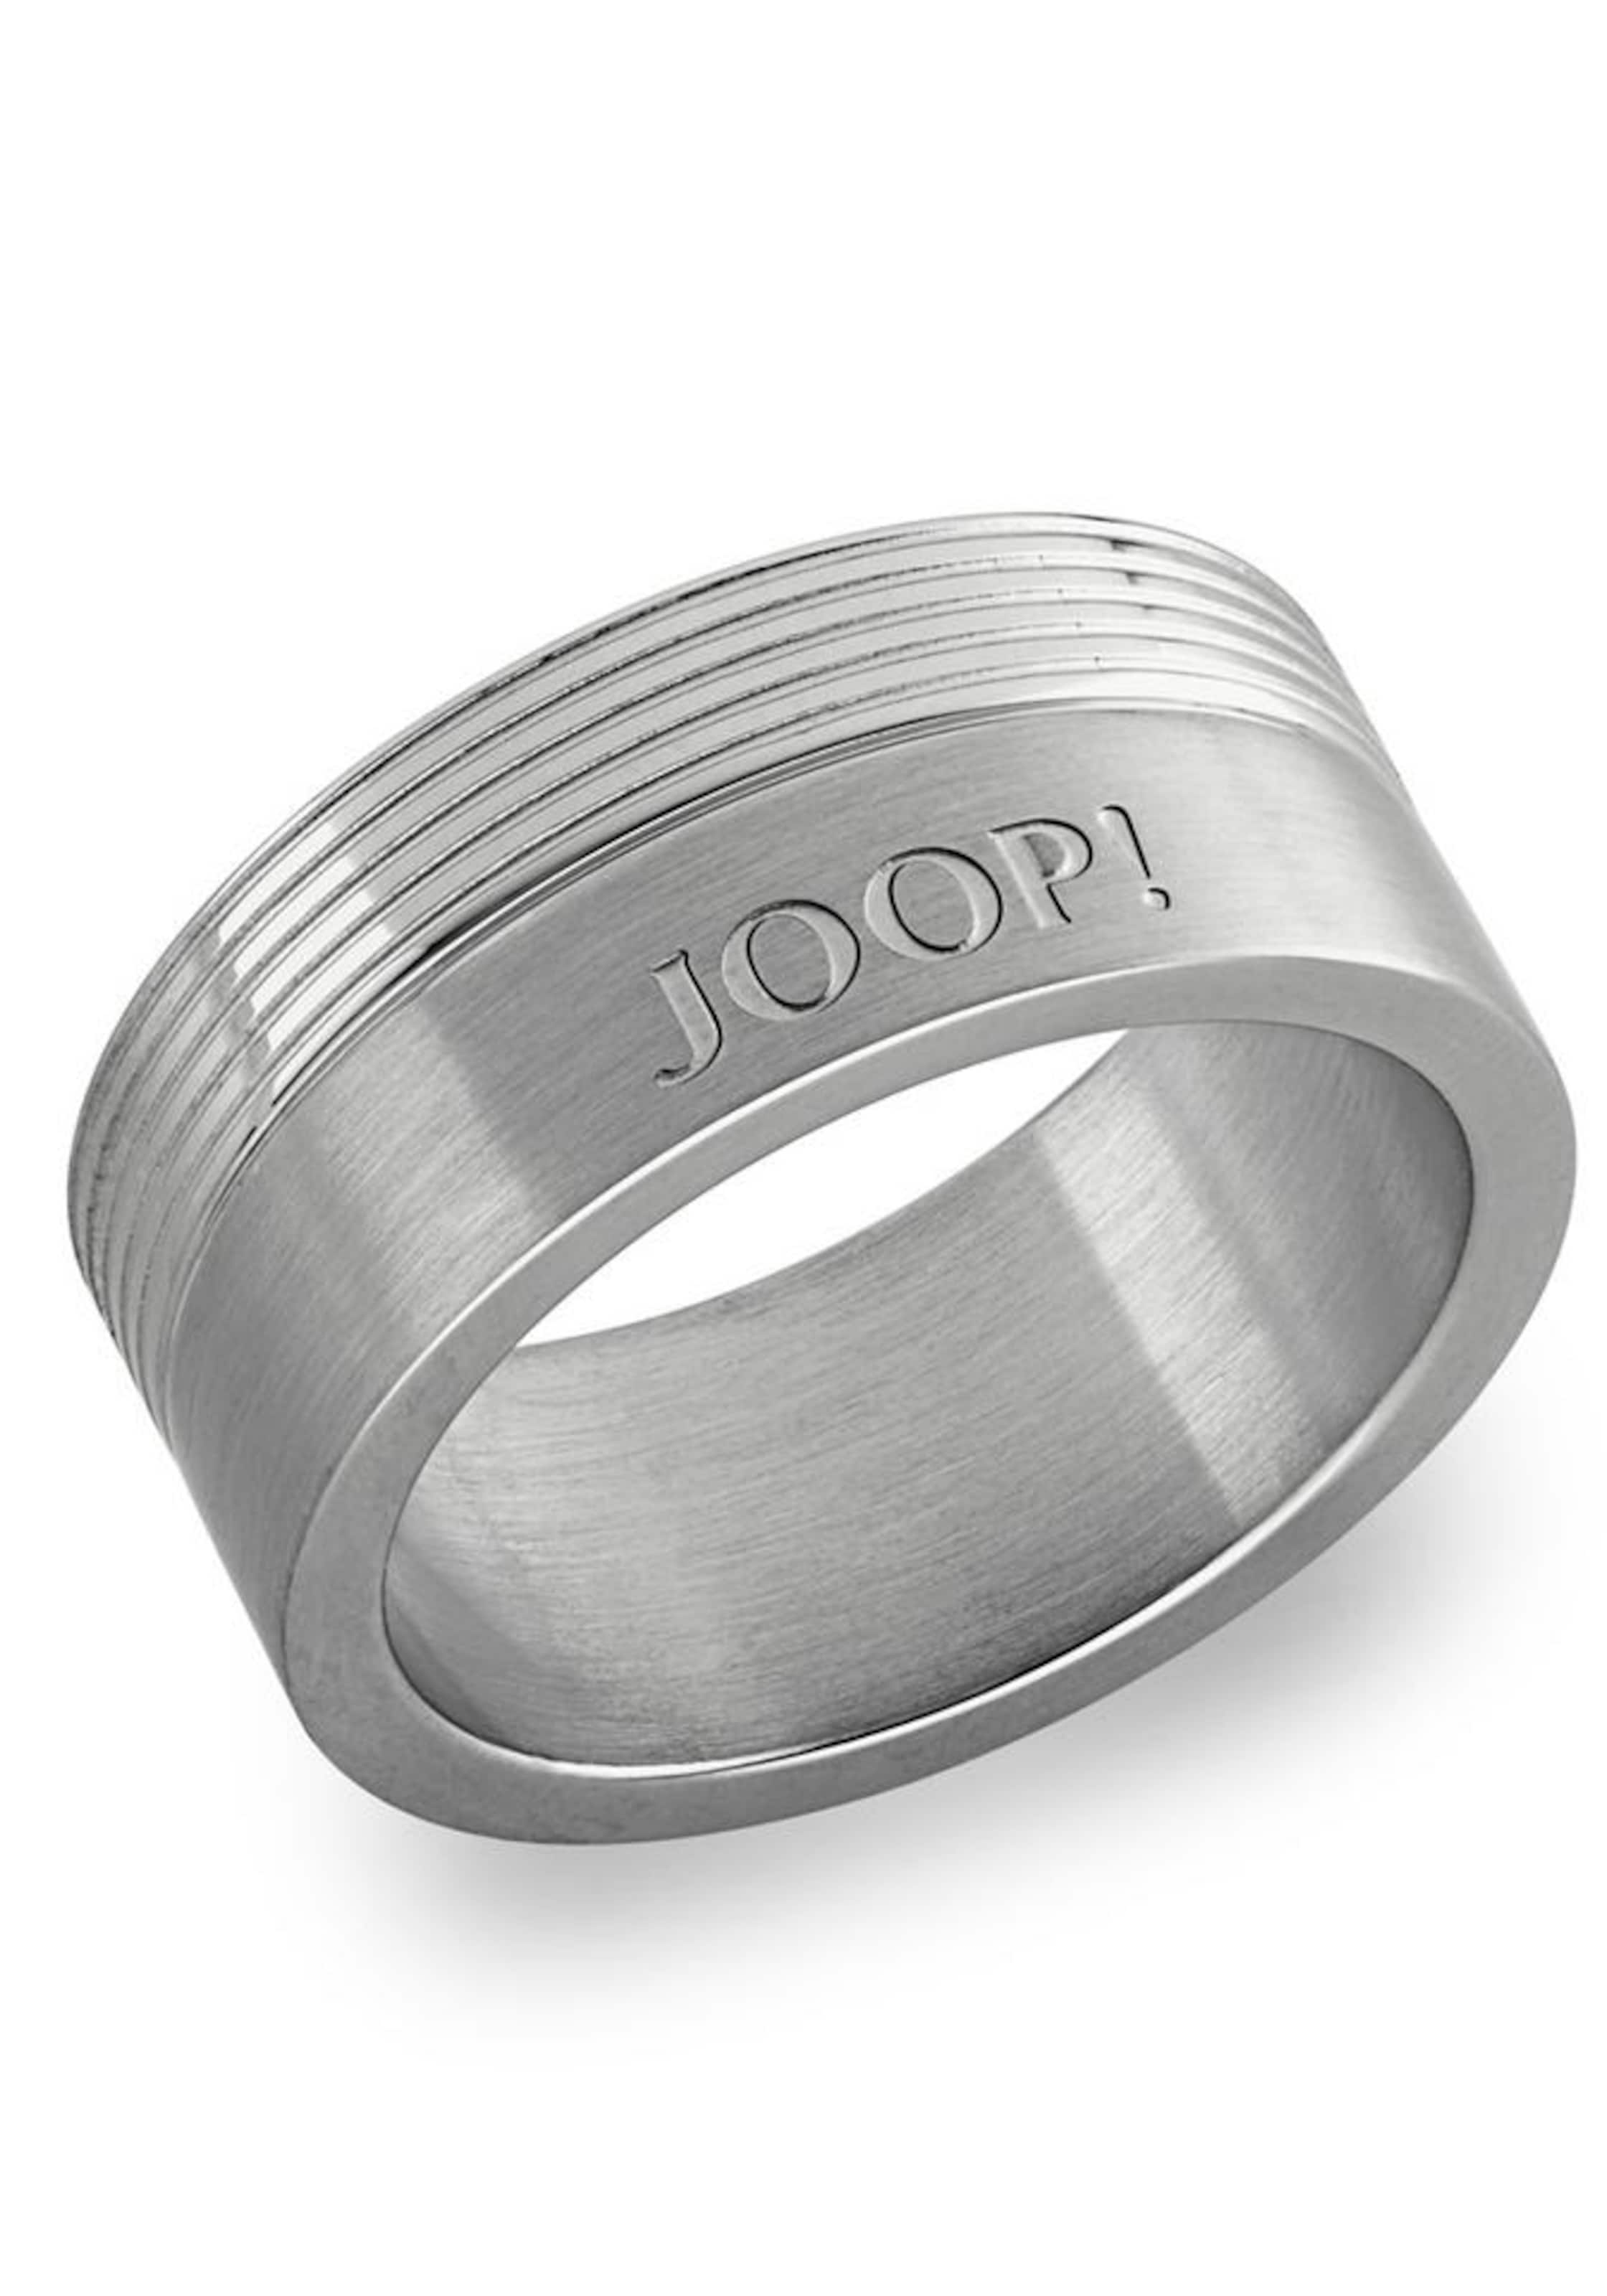 JoopRing In JoopRing '202341920234202023421' JoopRing Grau JoopRing '202341920234202023421' Grau In In '202341920234202023421' Grau TXuOiPkZ